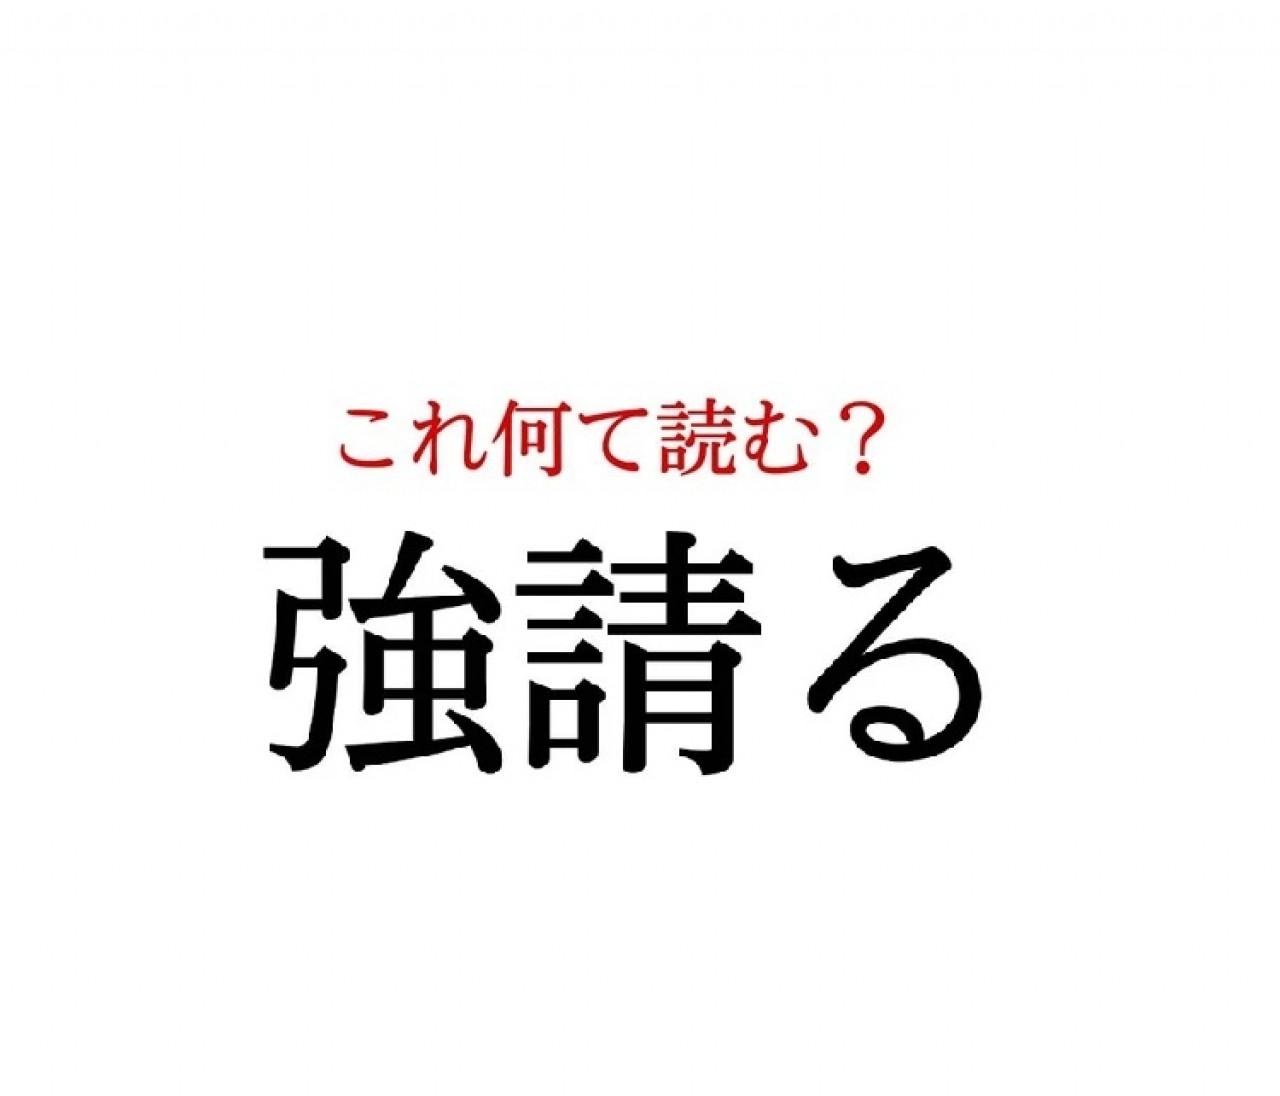 「強請る」:この漢字、自信を持って読めますか?【働く大人の漢字クイズvol.221】